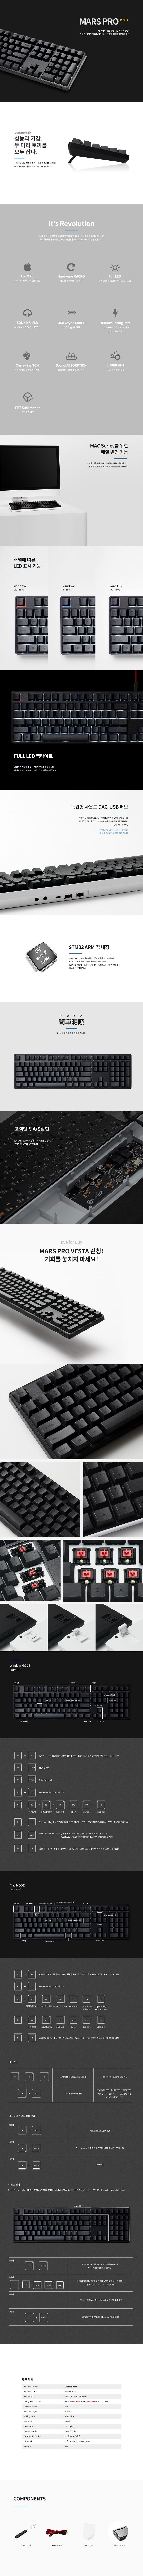 타이폰 Mars Pro VESTA 기계식 키보드 영문 (블랙, 갈축)